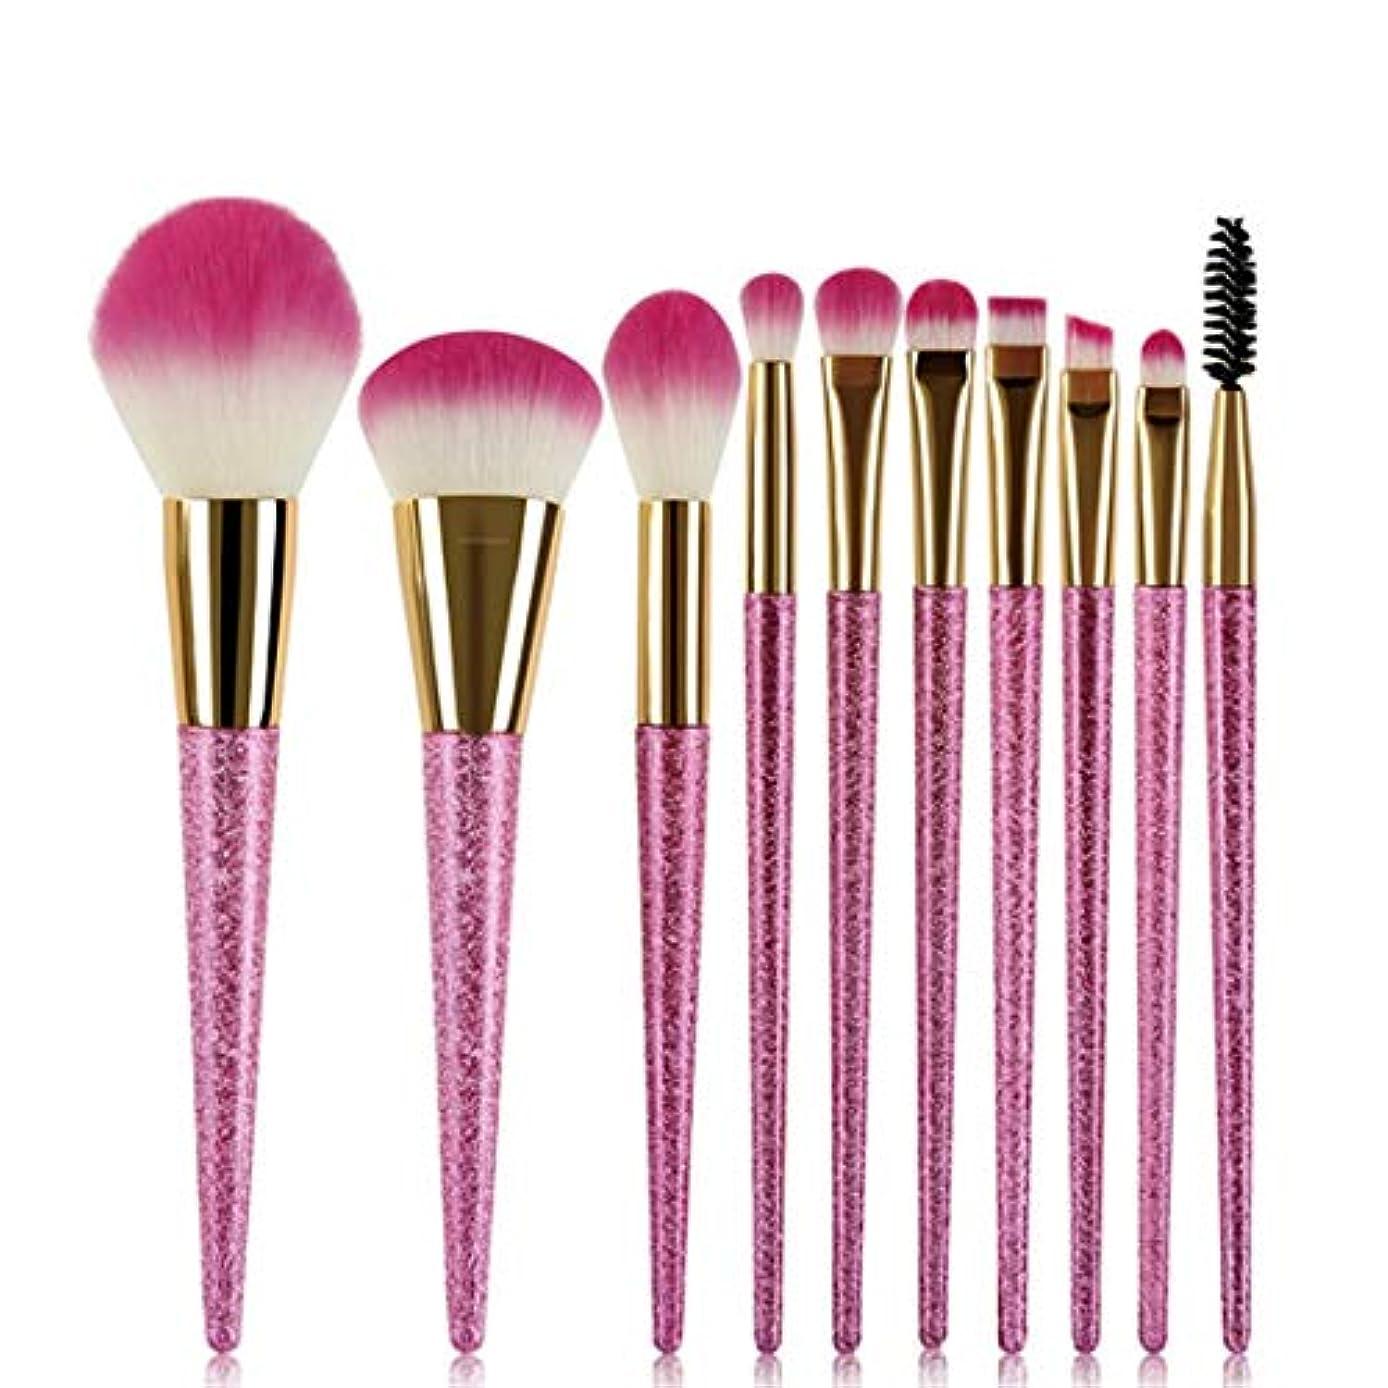 Makeup brushes アイシャドーブラシのための10PCS曇らされたハンドルの化粧筆ブレンドの基礎(ローズブッシュレッド) suits (Color : Rose Red)